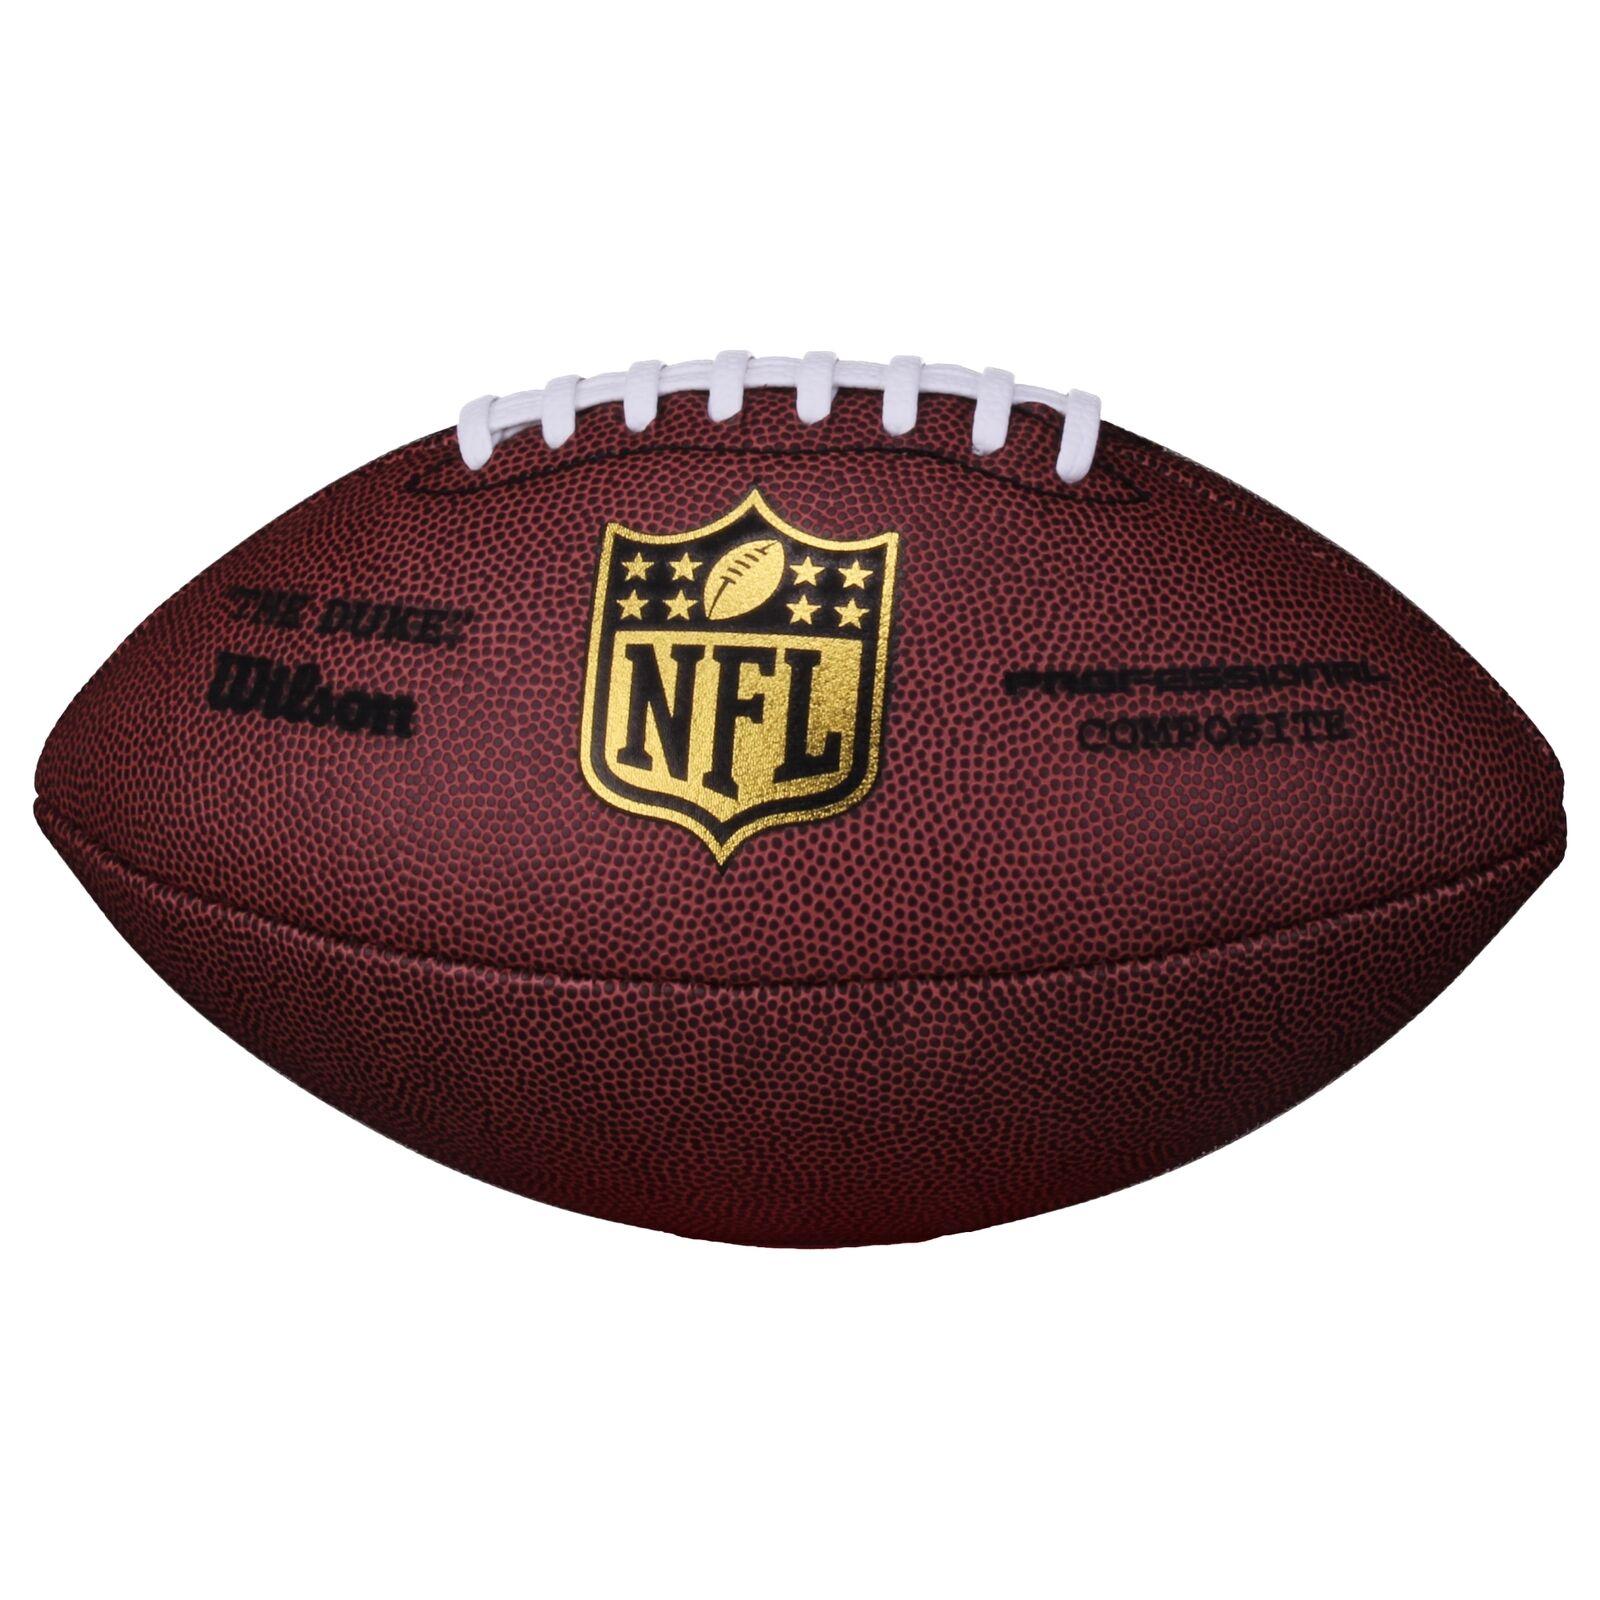 Wilson Football NFL Game Ball The Duke Replica, SC, Rot, Senior, WL0206121141